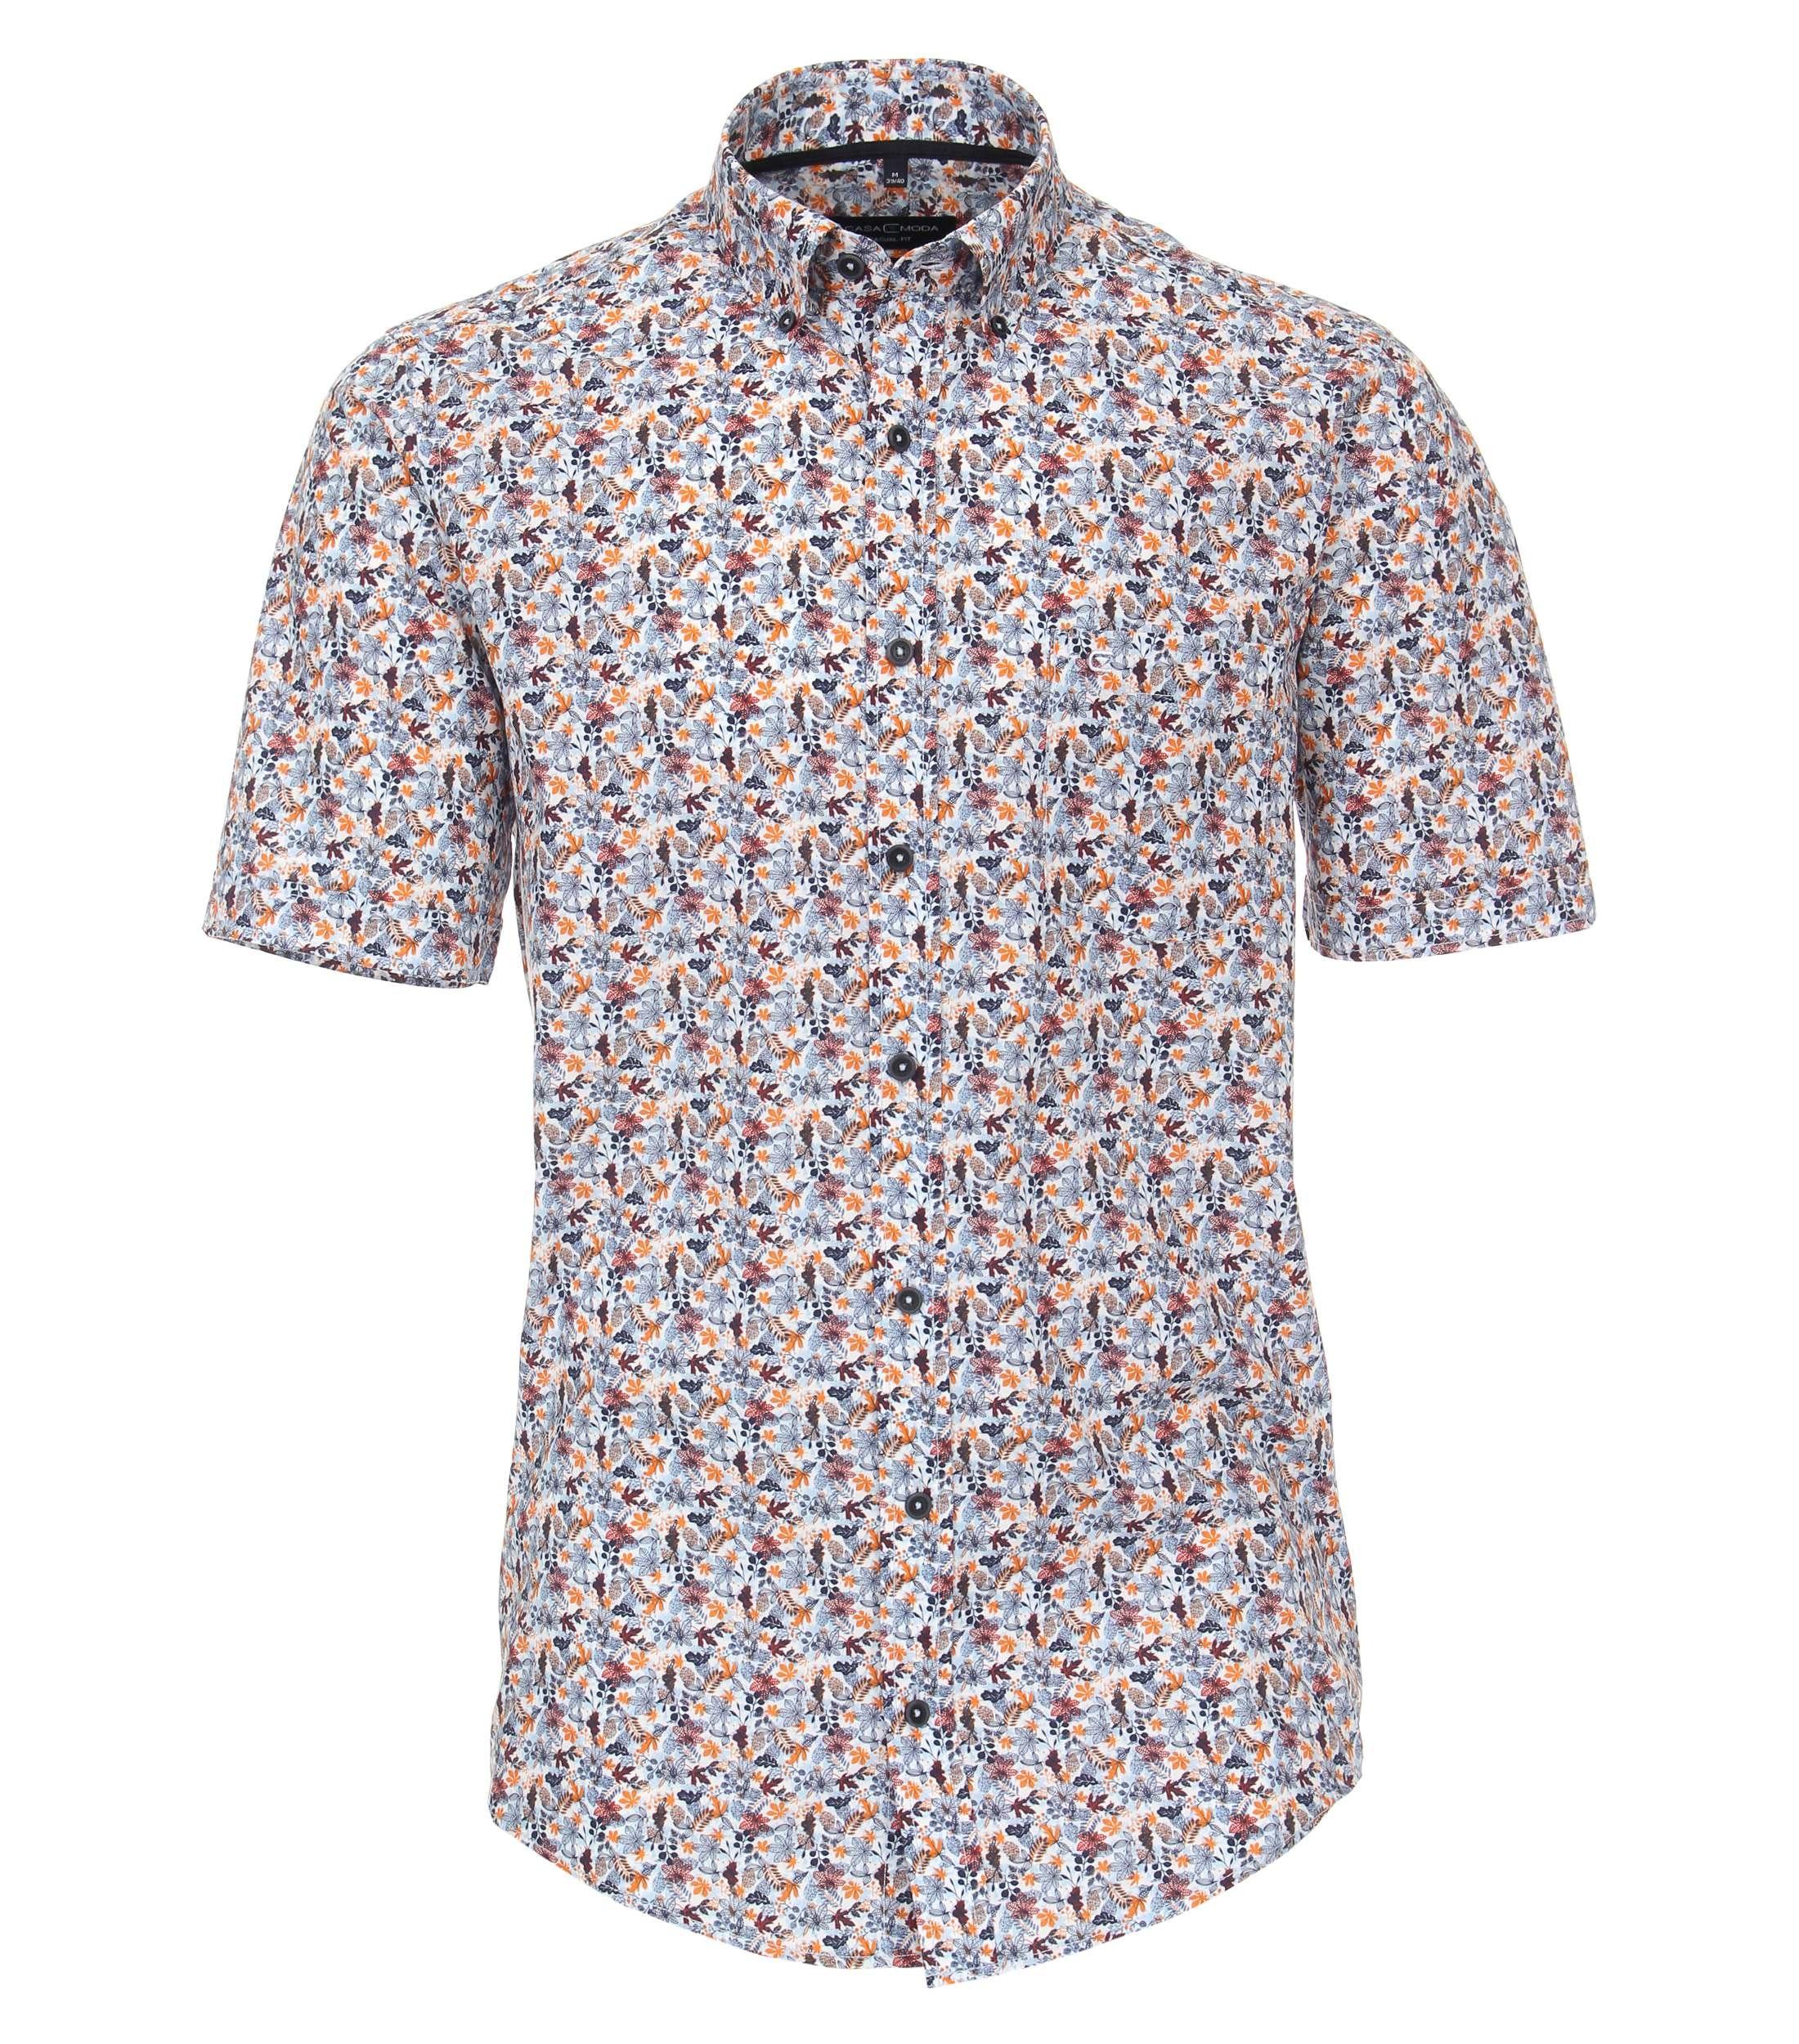 overhemd met korte mouw van merk CASA MODA in de kleur blauw, gemaakt van organic cotton.